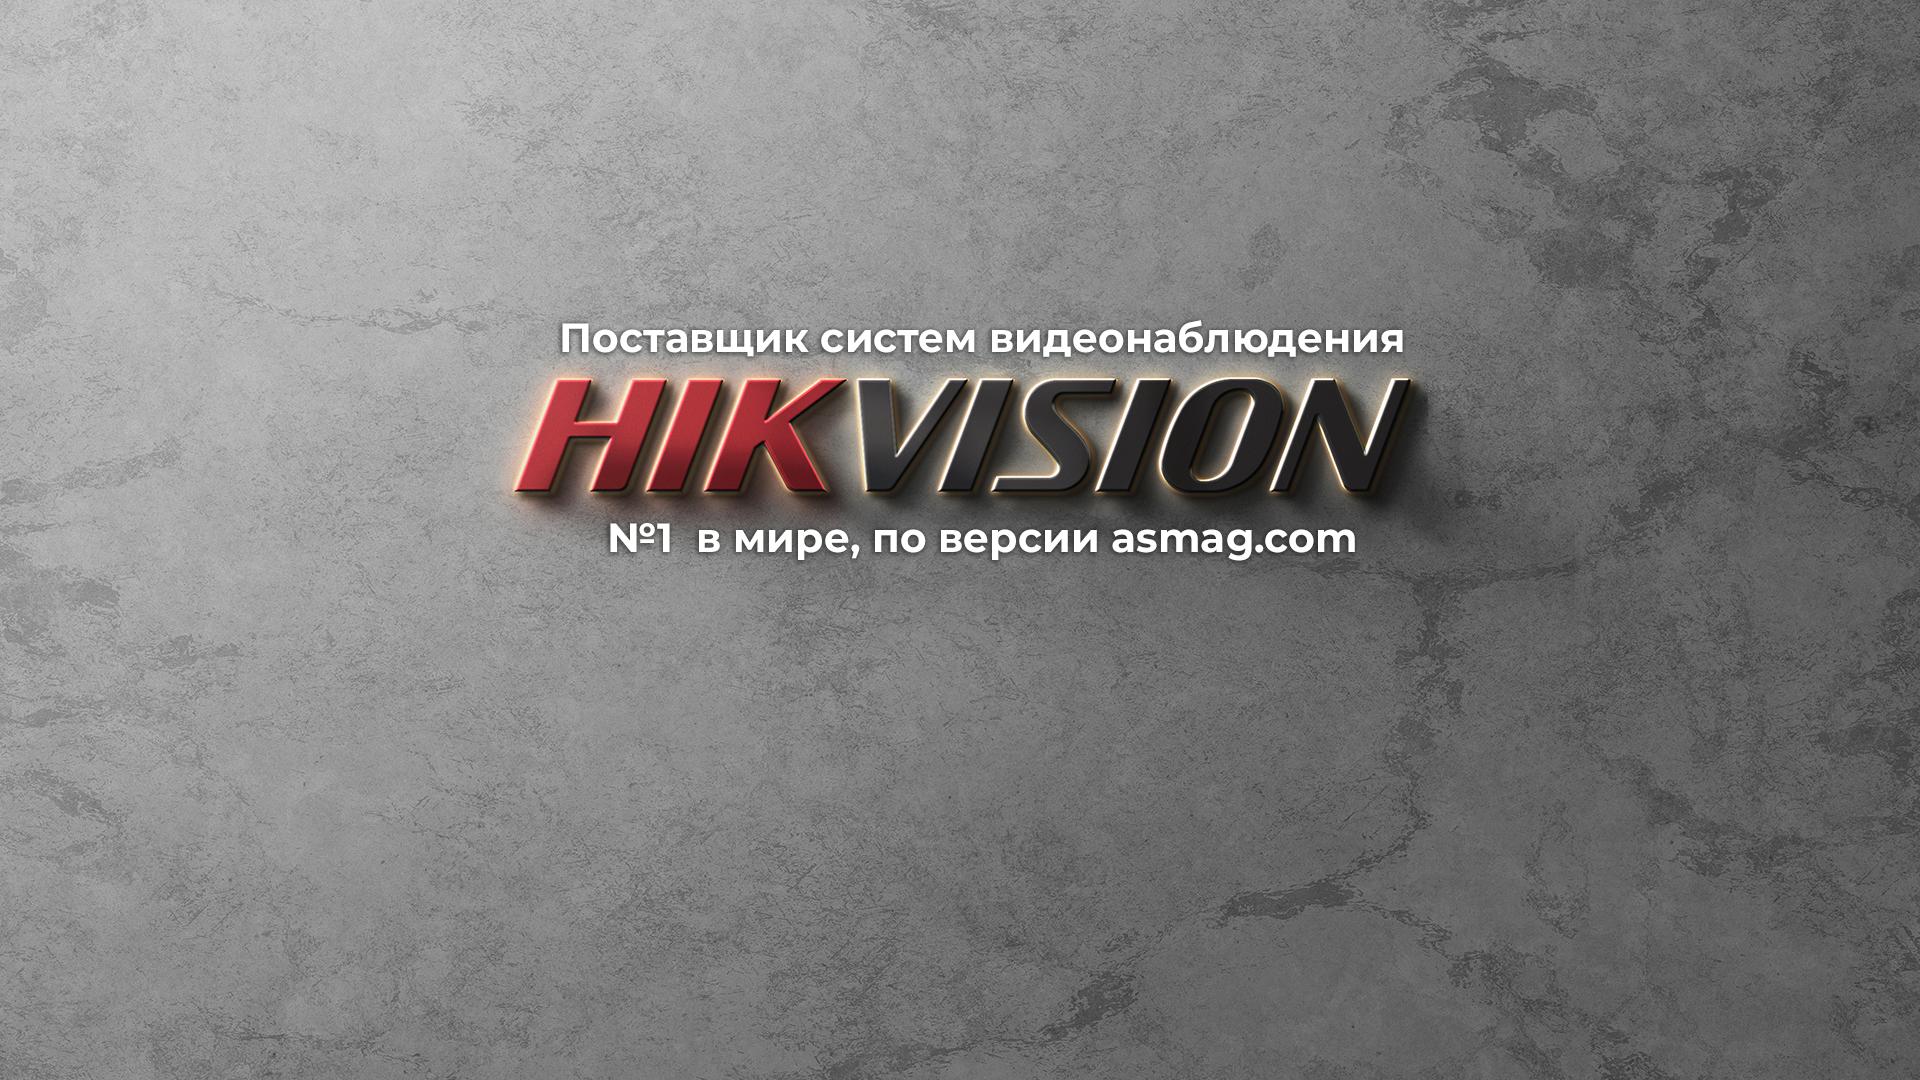 Hikvision поставщик систем видеонаблюдения №1 в мире, по версии asmag.com